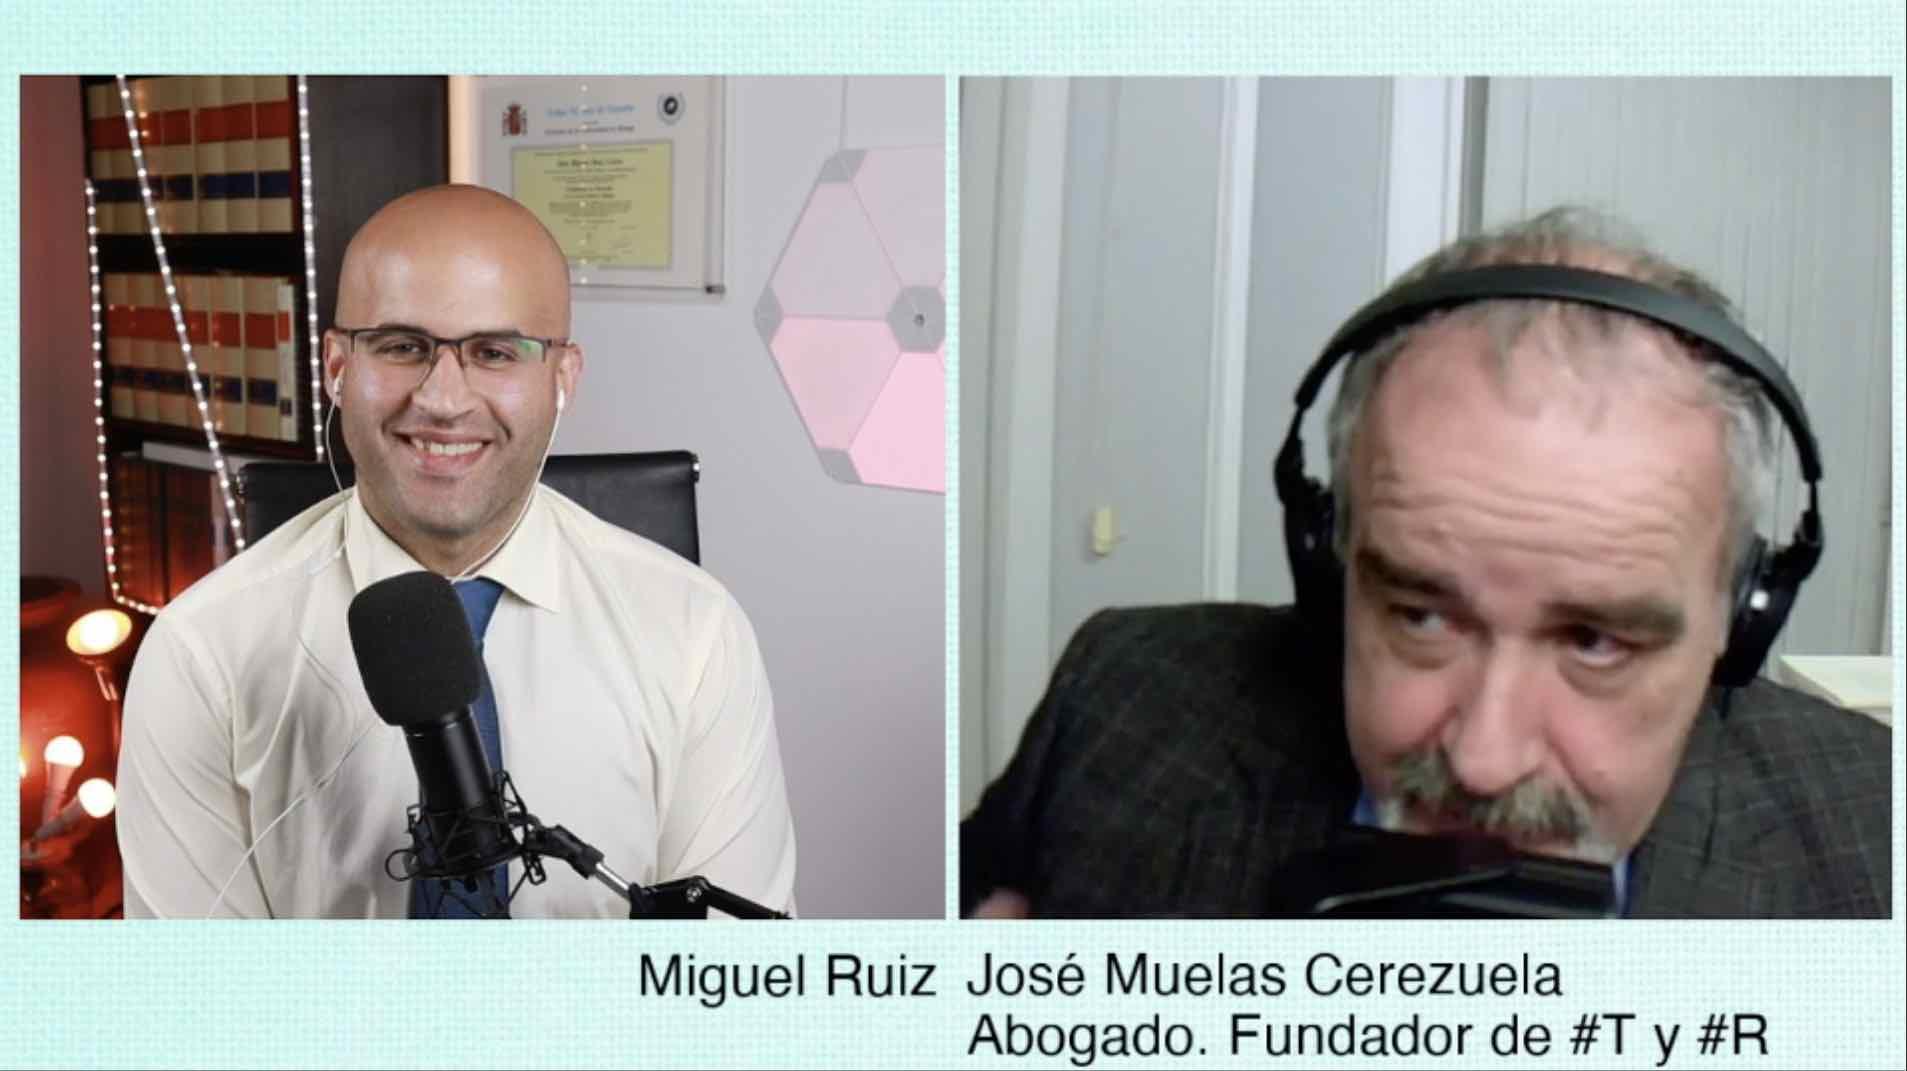 José Muelas Cerezuela. Abogado y fundador #R y #T. Exvideccano del Colegio de Abogados de Málaga